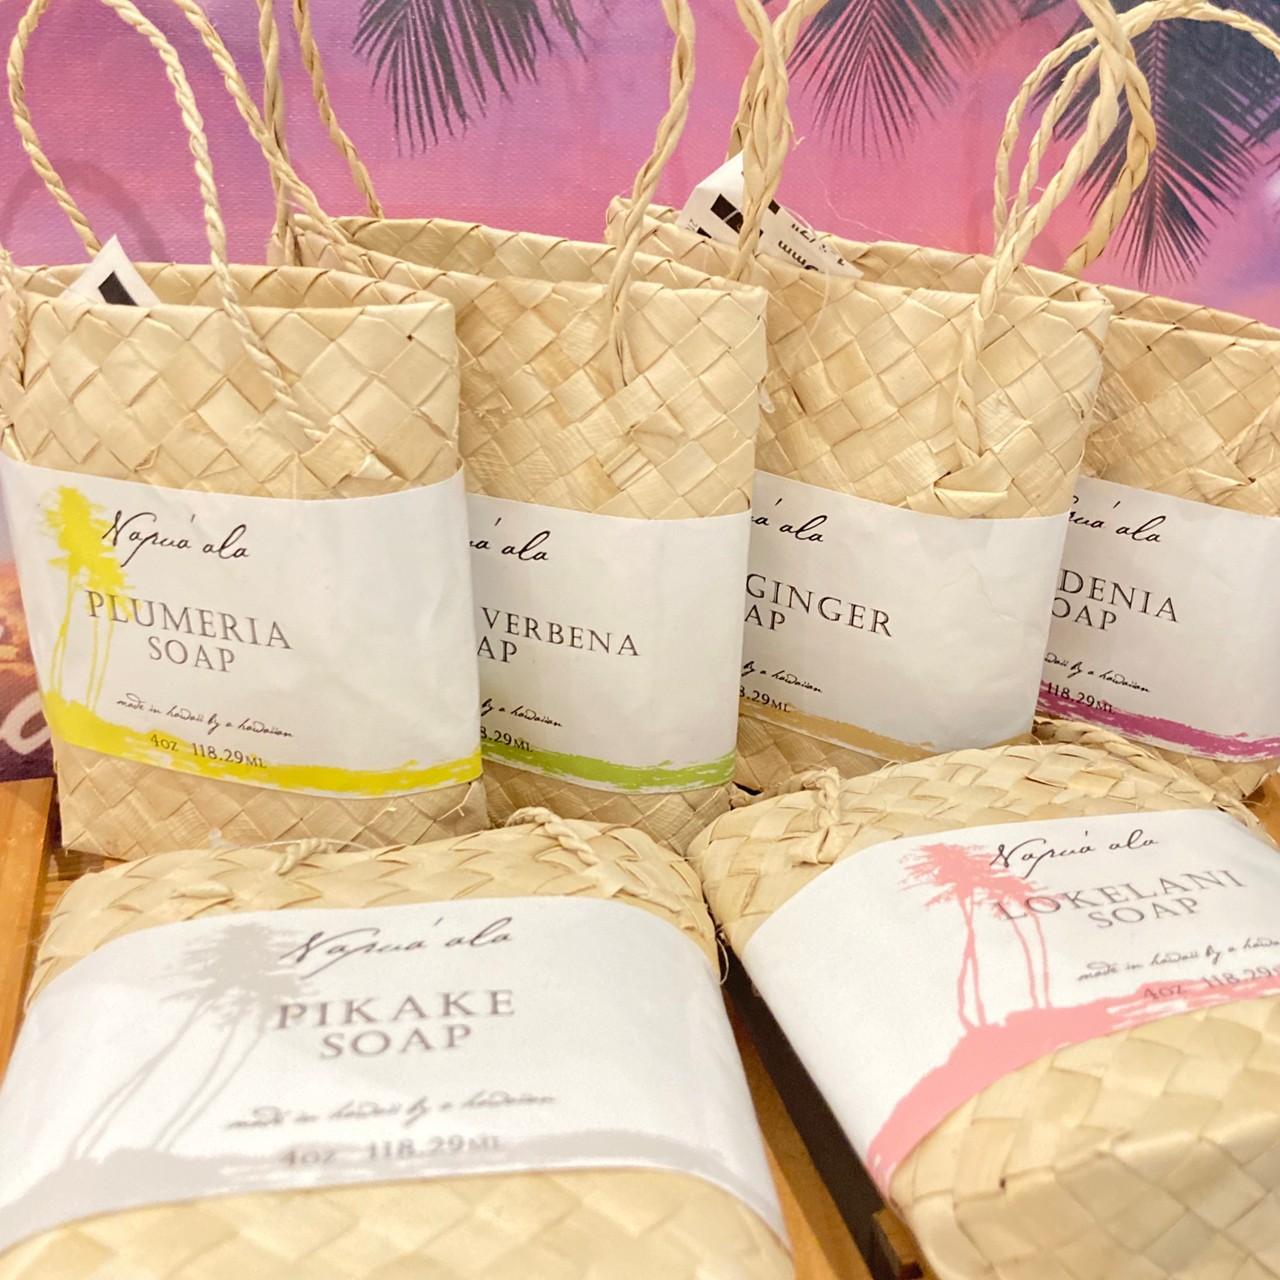 ■ナプアアラ、ラウハラケース入り石鹸/香りをお選びください